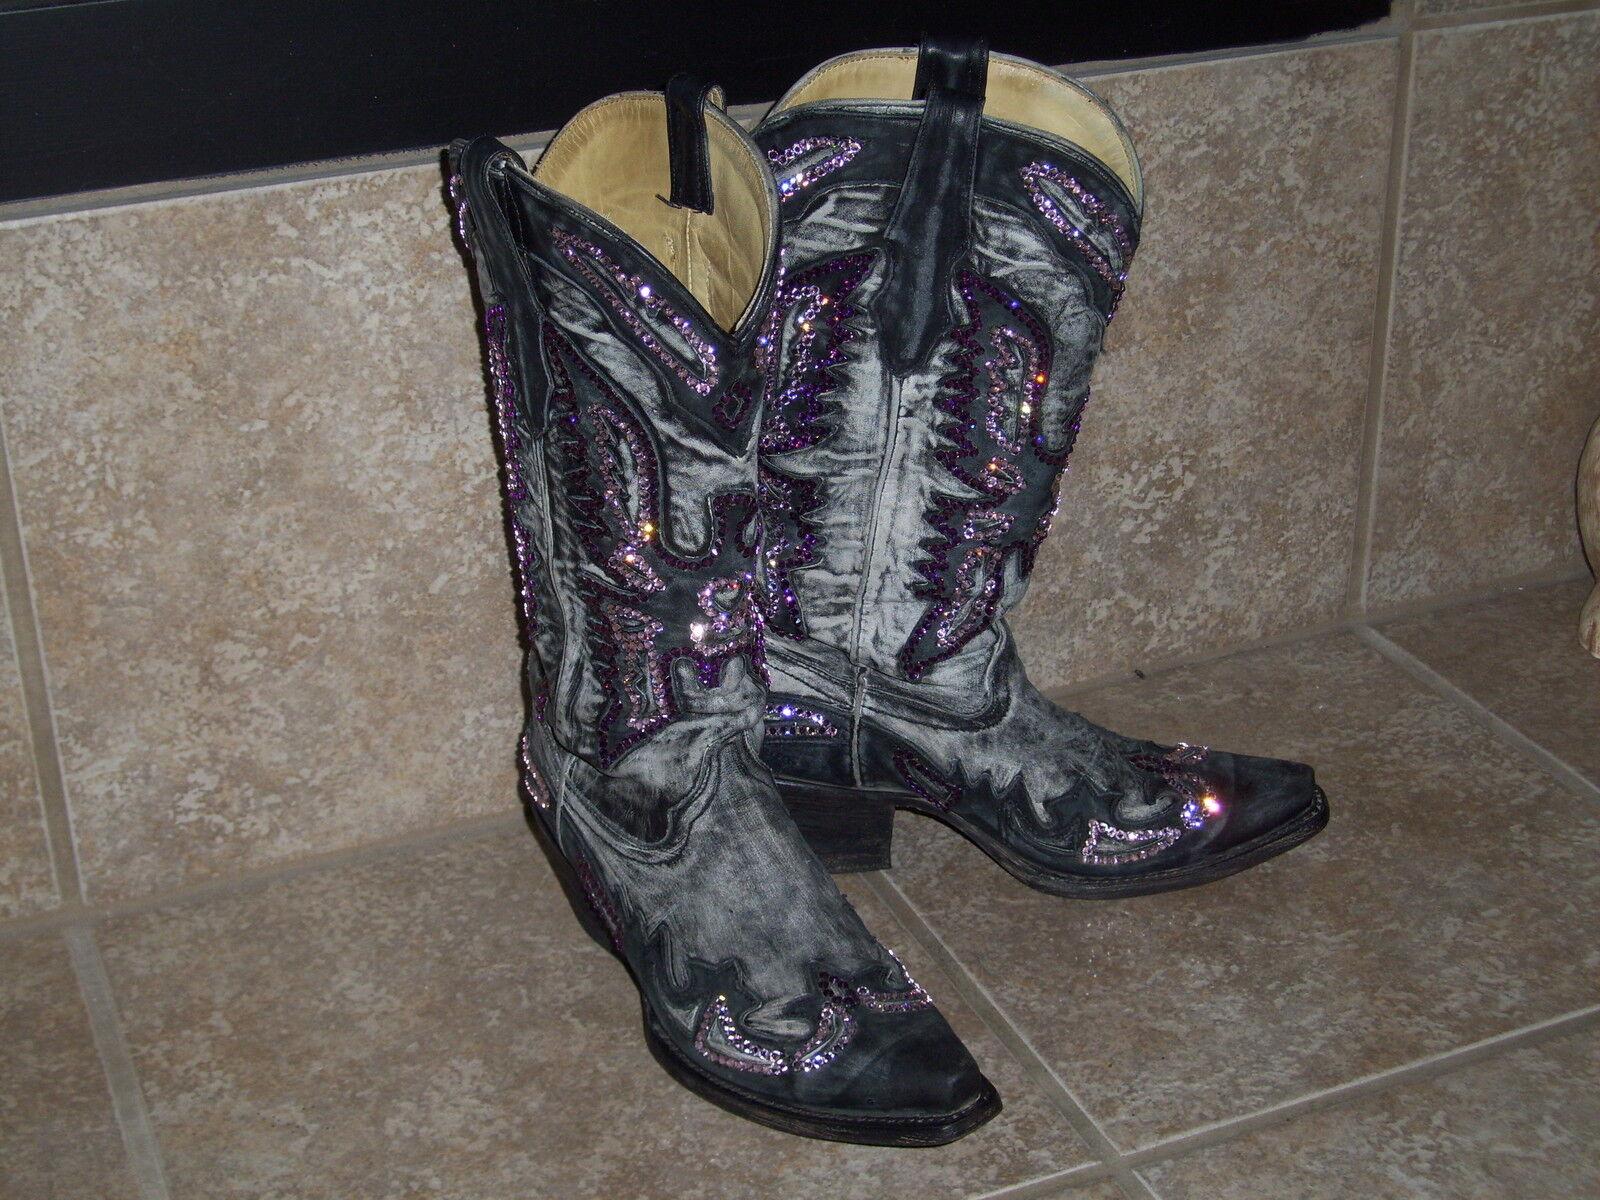 Corral botas personalizado con Gemz-apenas usado en en en pantalla-Talla 5.5 M  Venta al por mayor barato y de alta calidad.